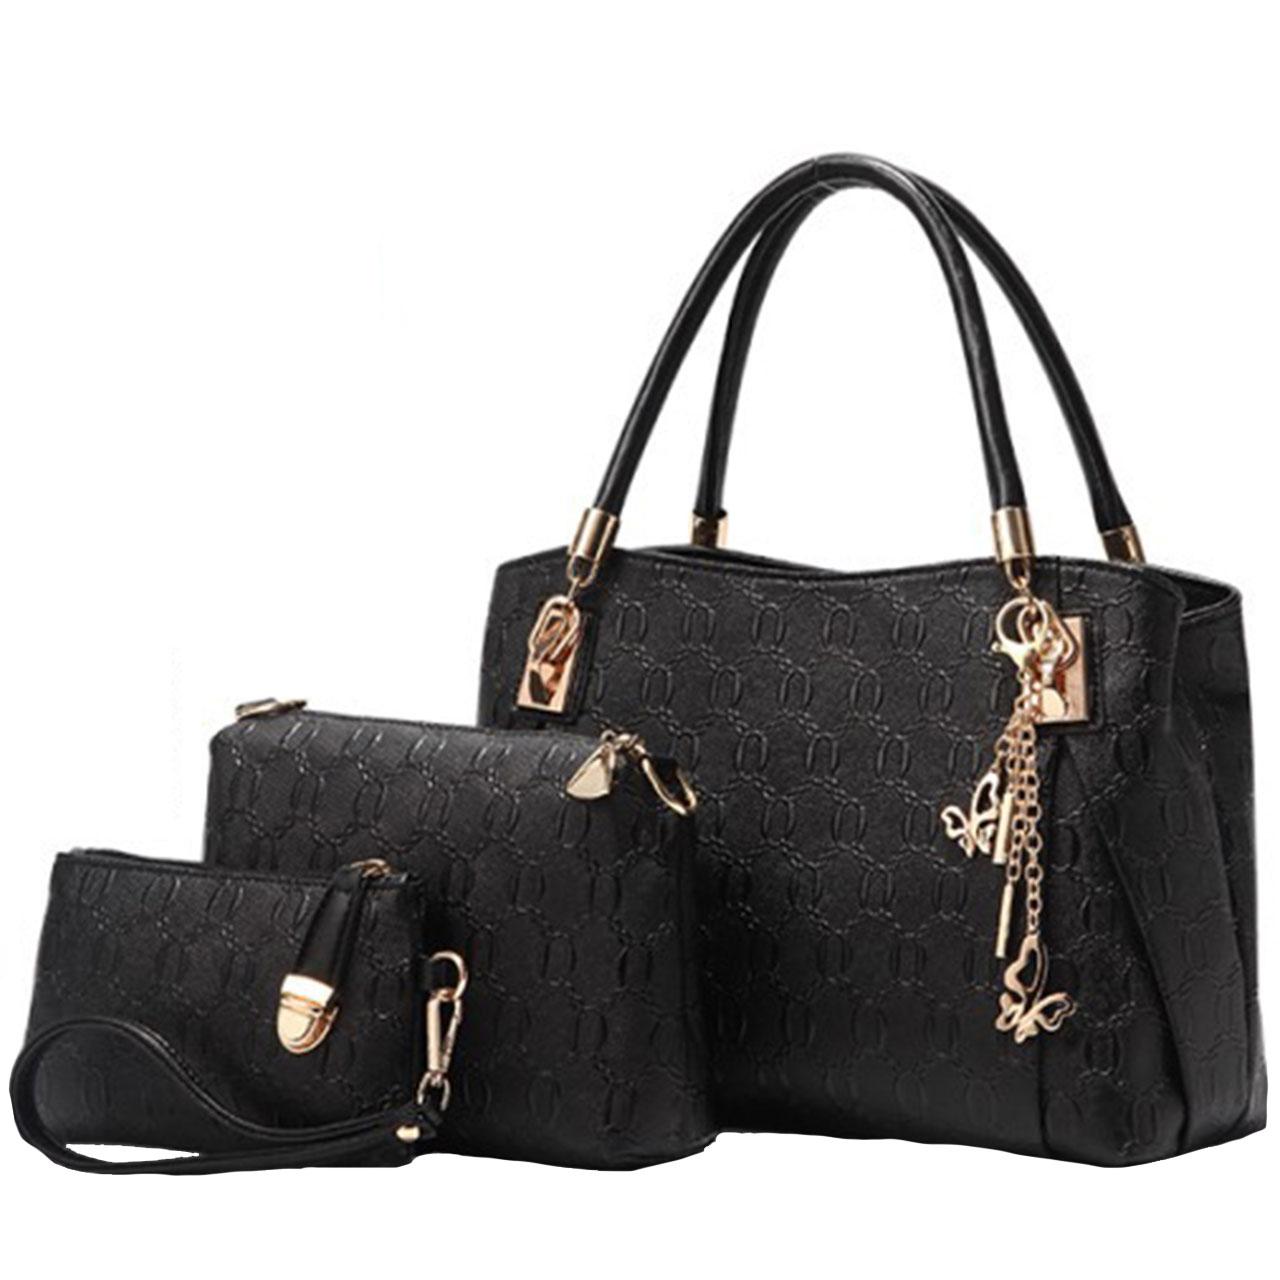 ست کیف دستی و رودوشی مدل LH3-158-Black